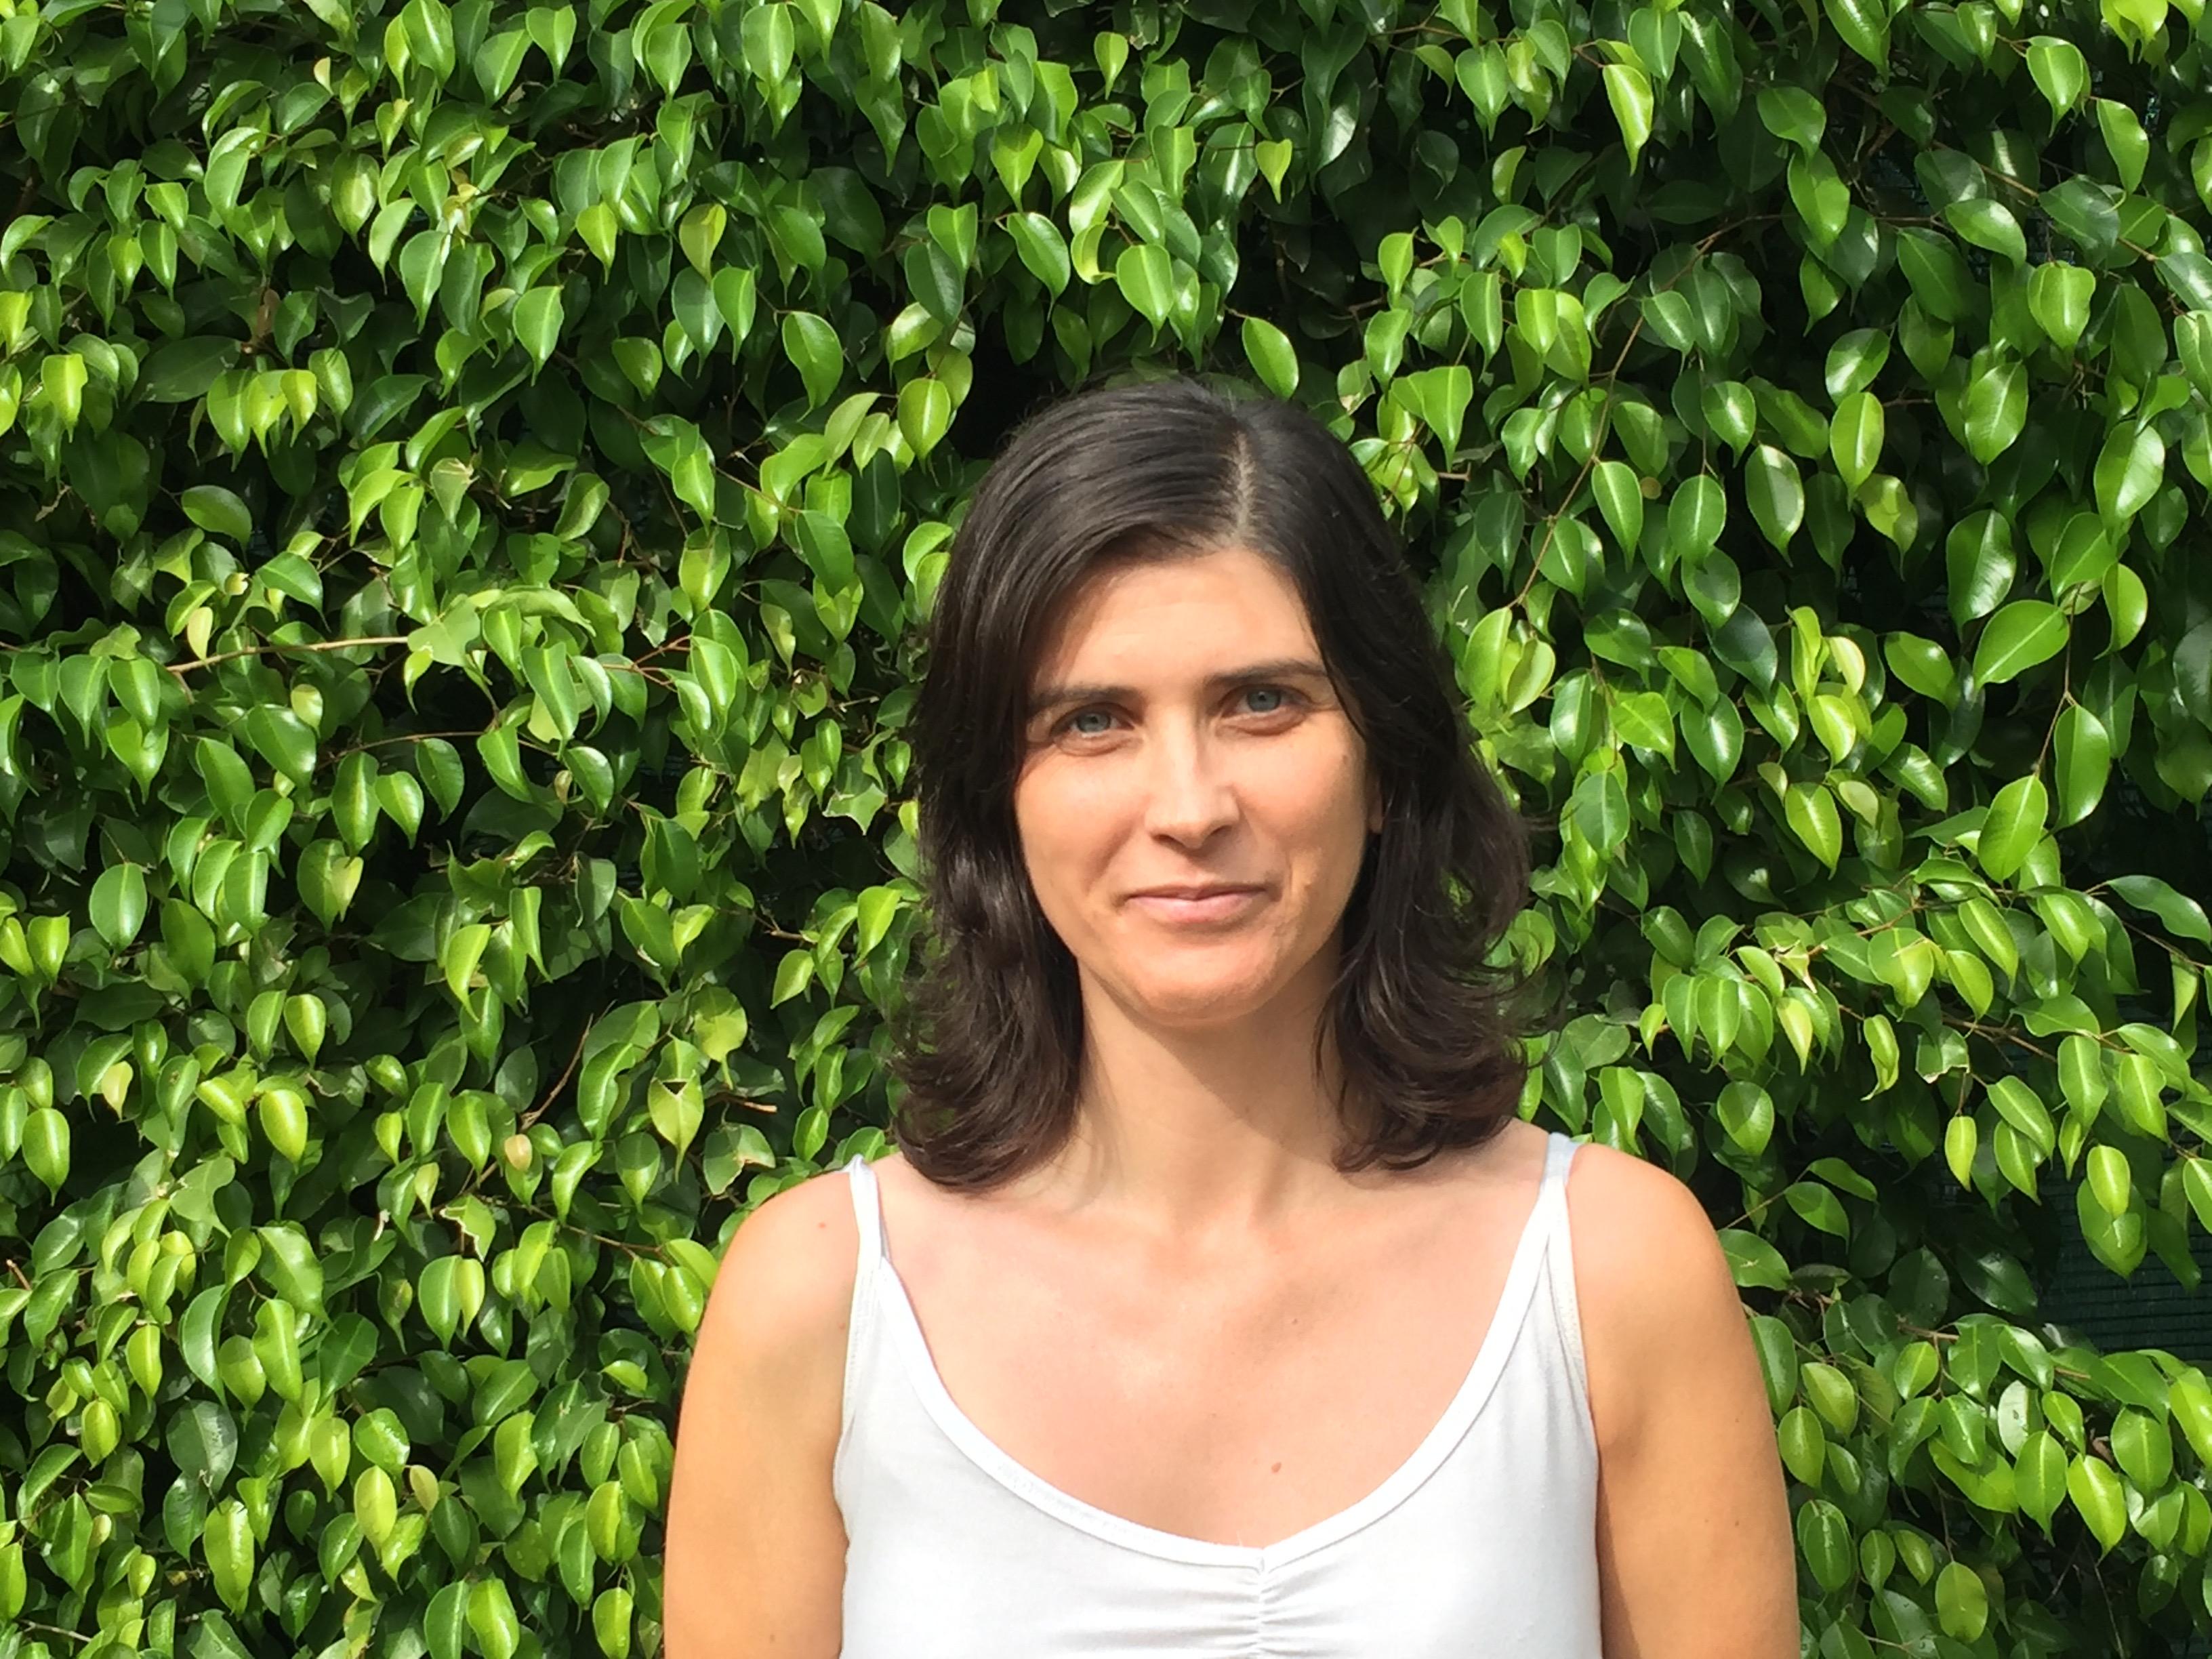 Sílvia Valente